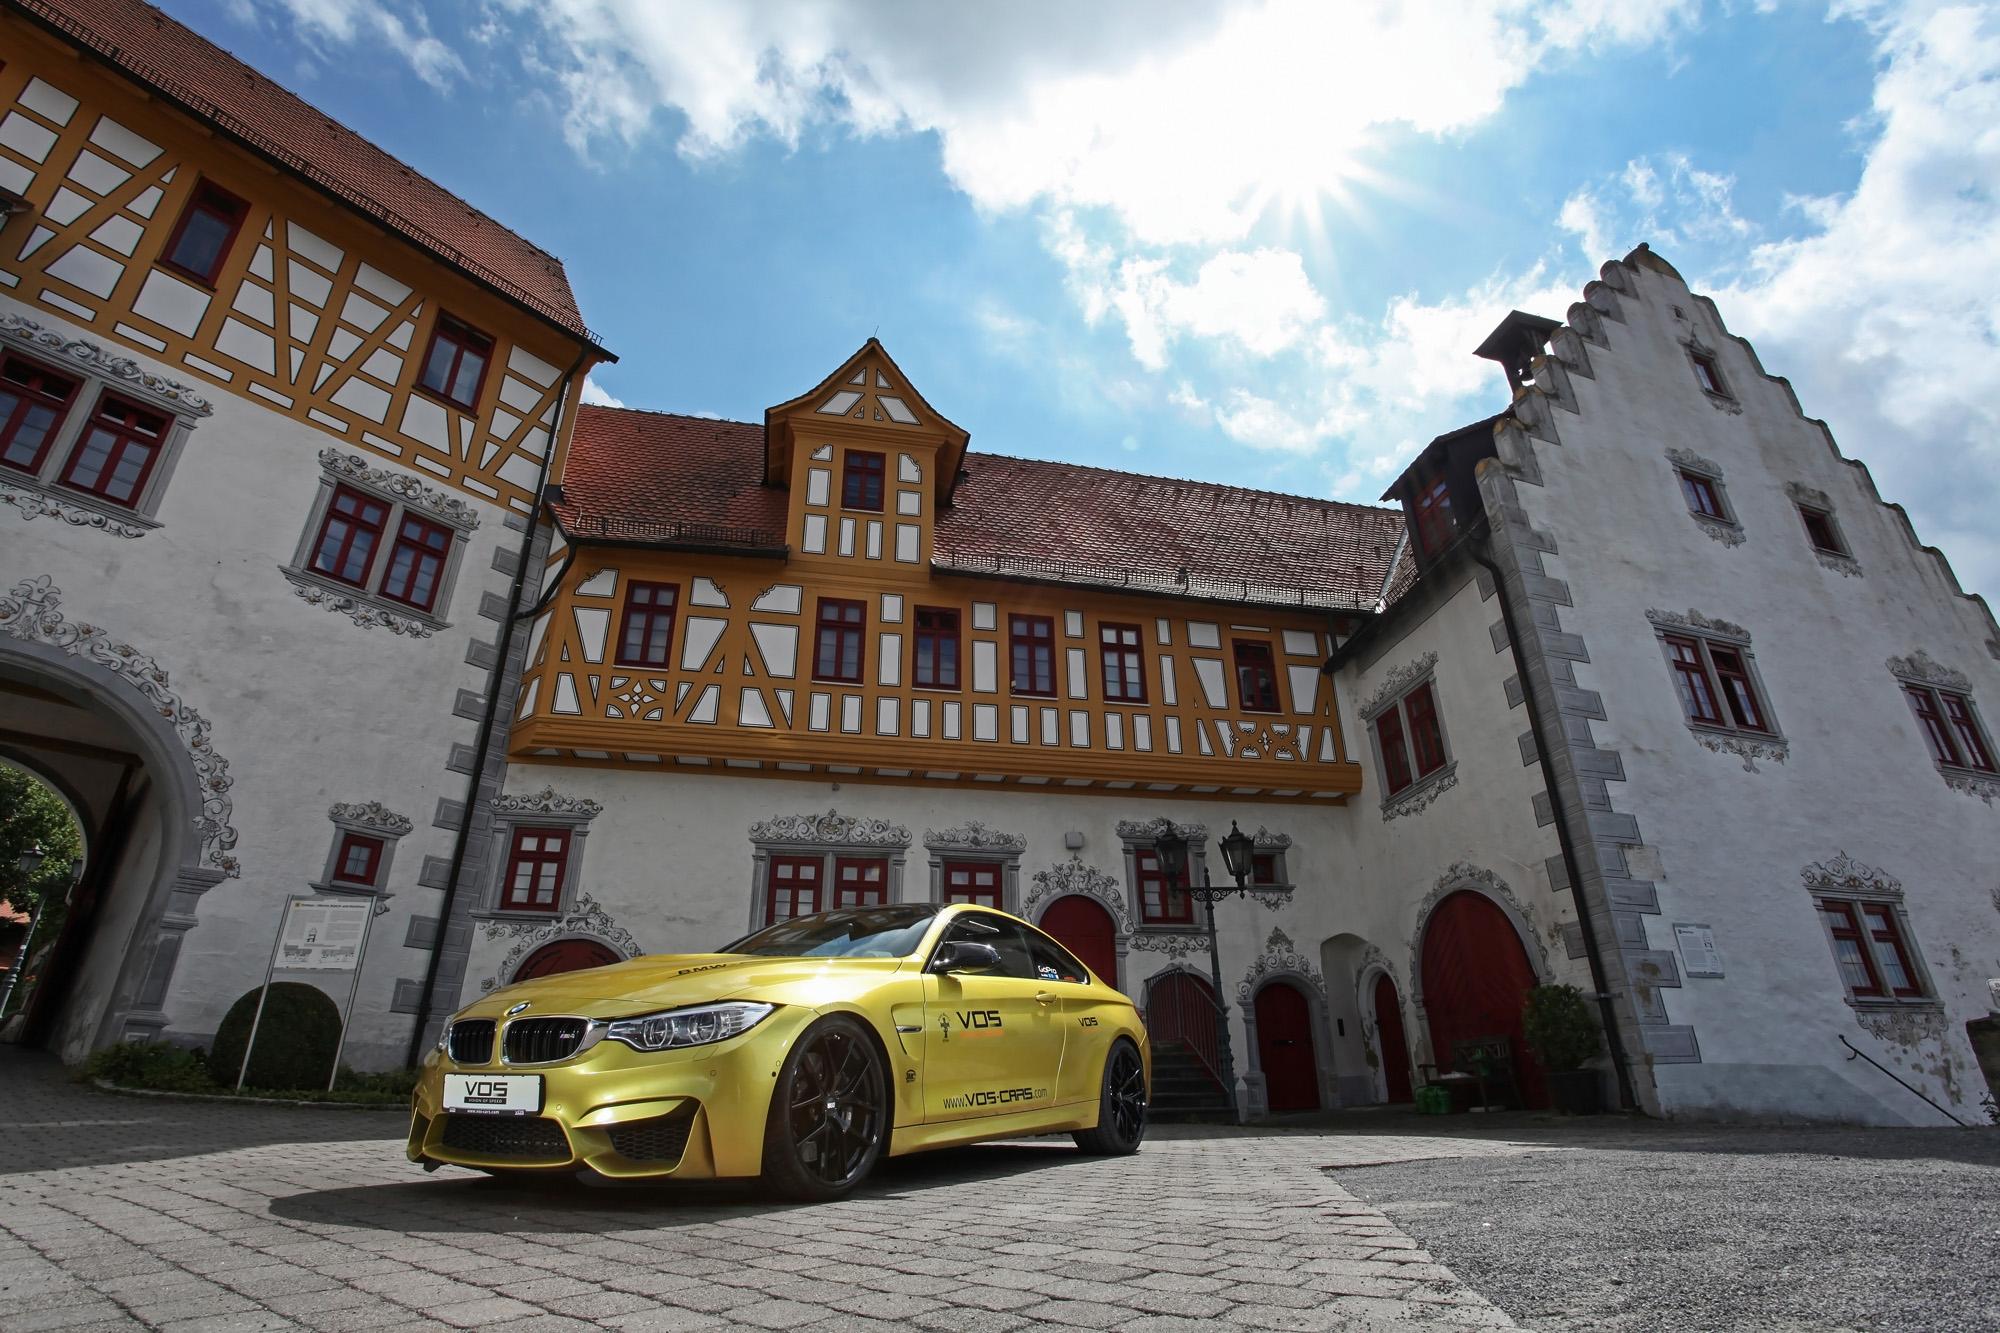 bmw-m4-coupé-f82-vos-performance-05